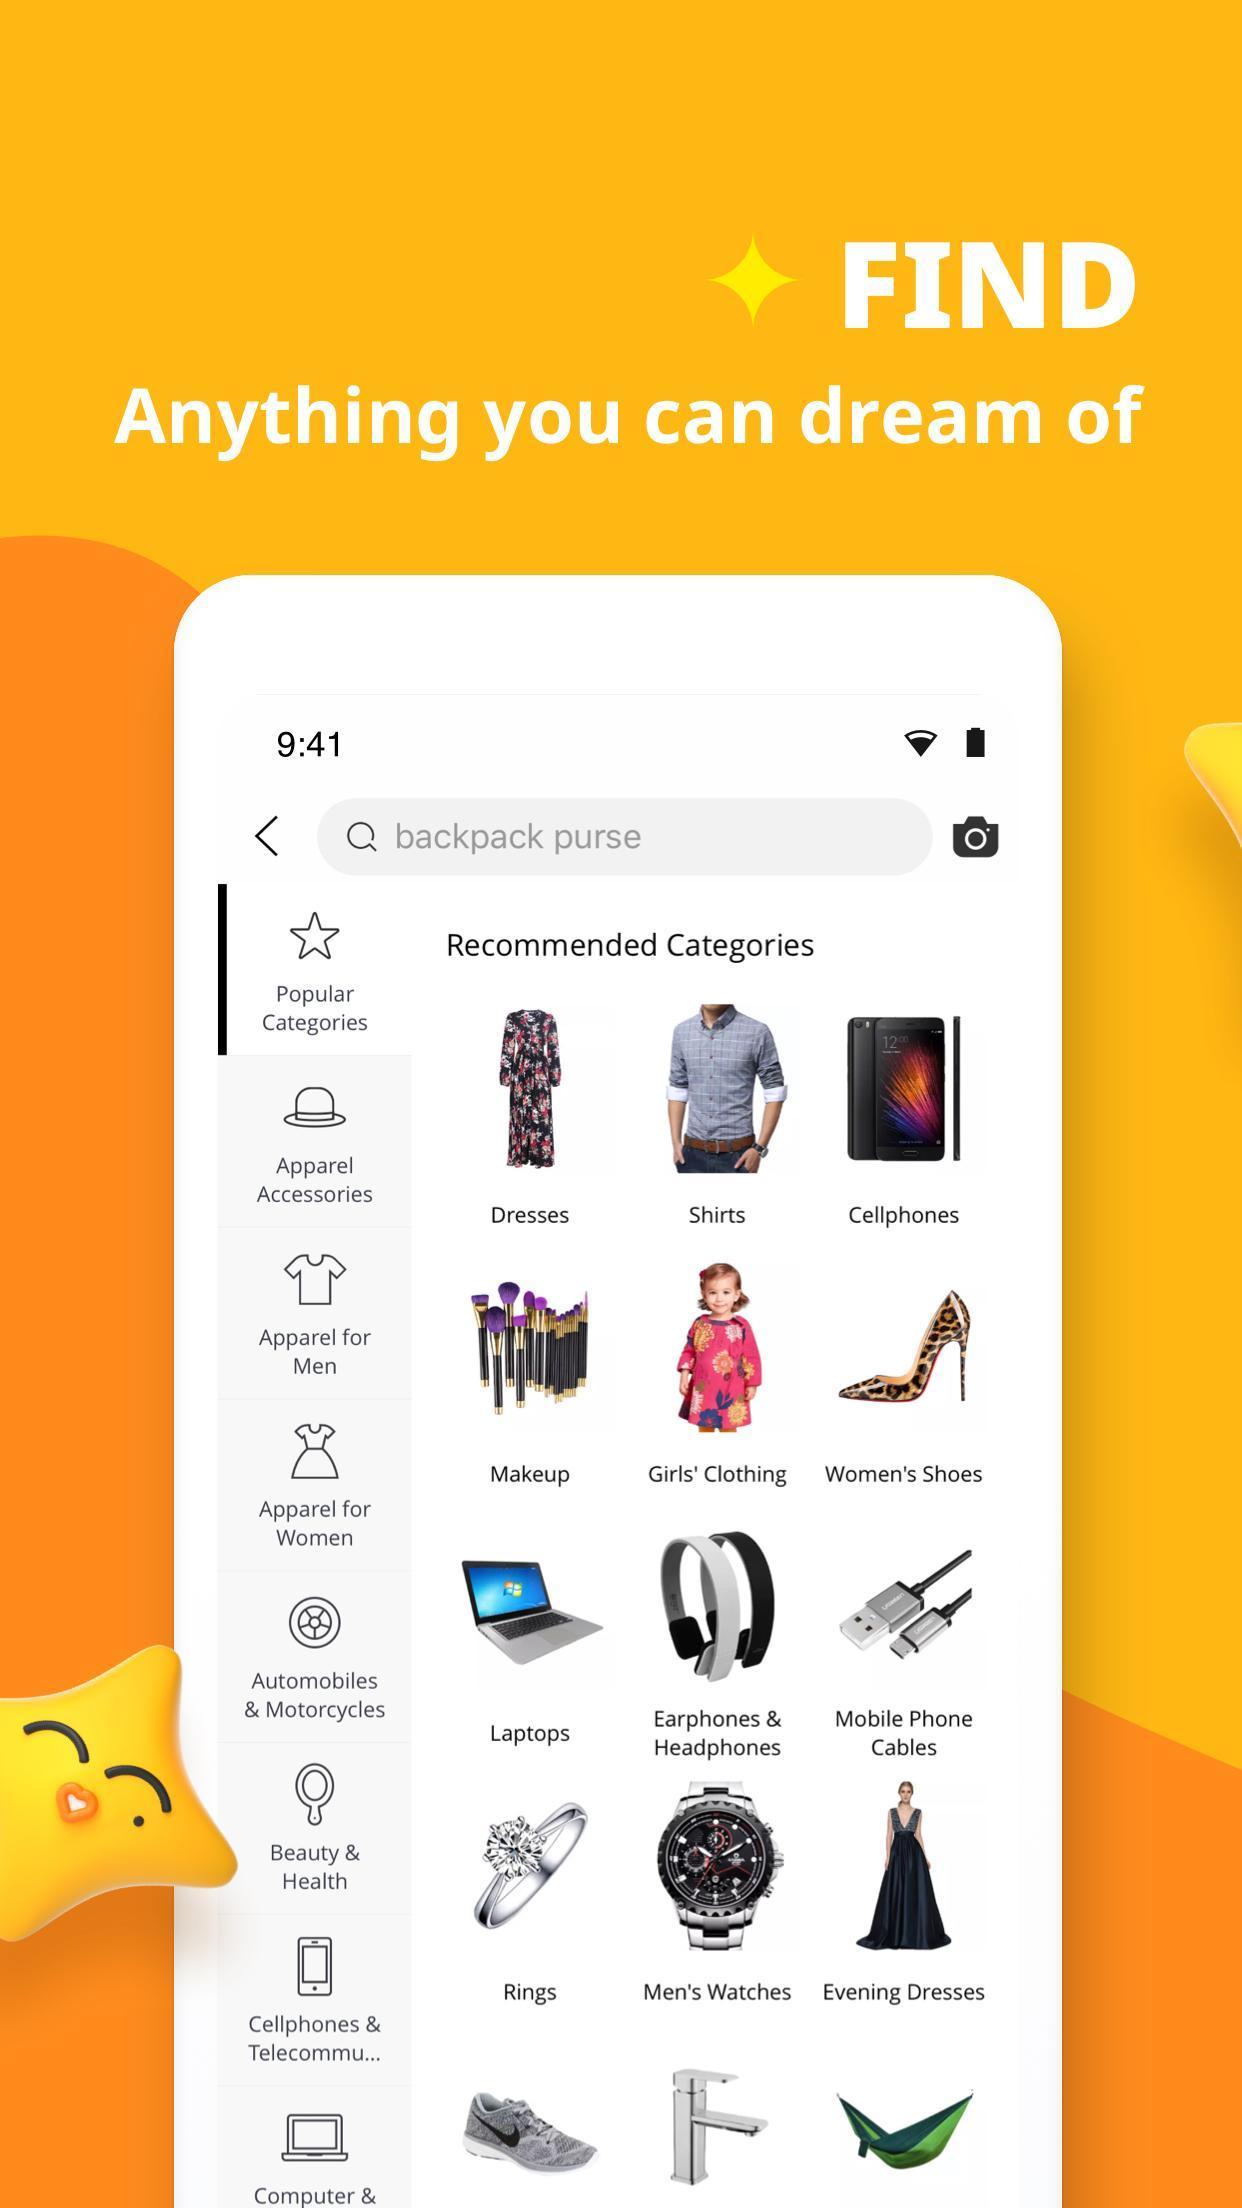 AliExpress Smarter Shopping, Better Living 8.3.3 Screenshot 5